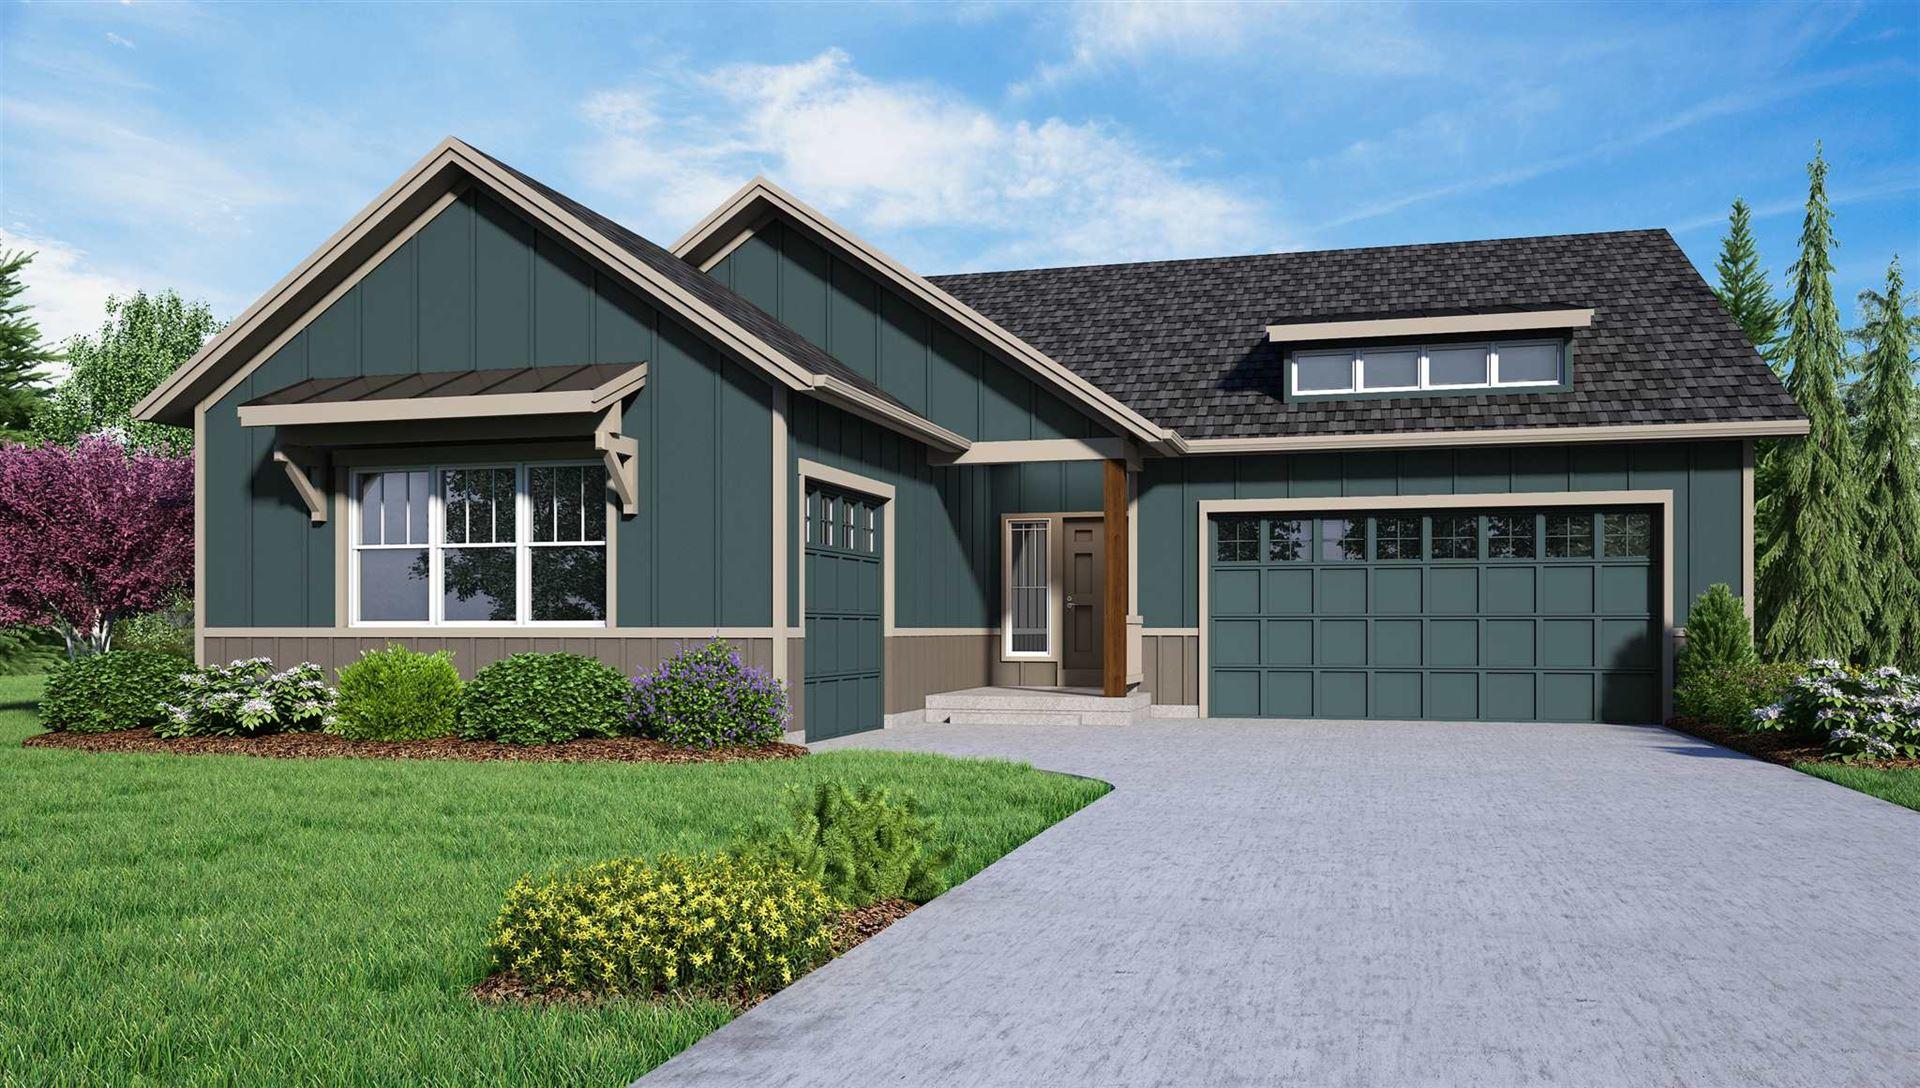 290 S Legacy Ridge Dr, Liberty Lake, WA 99019 - #: 202117110